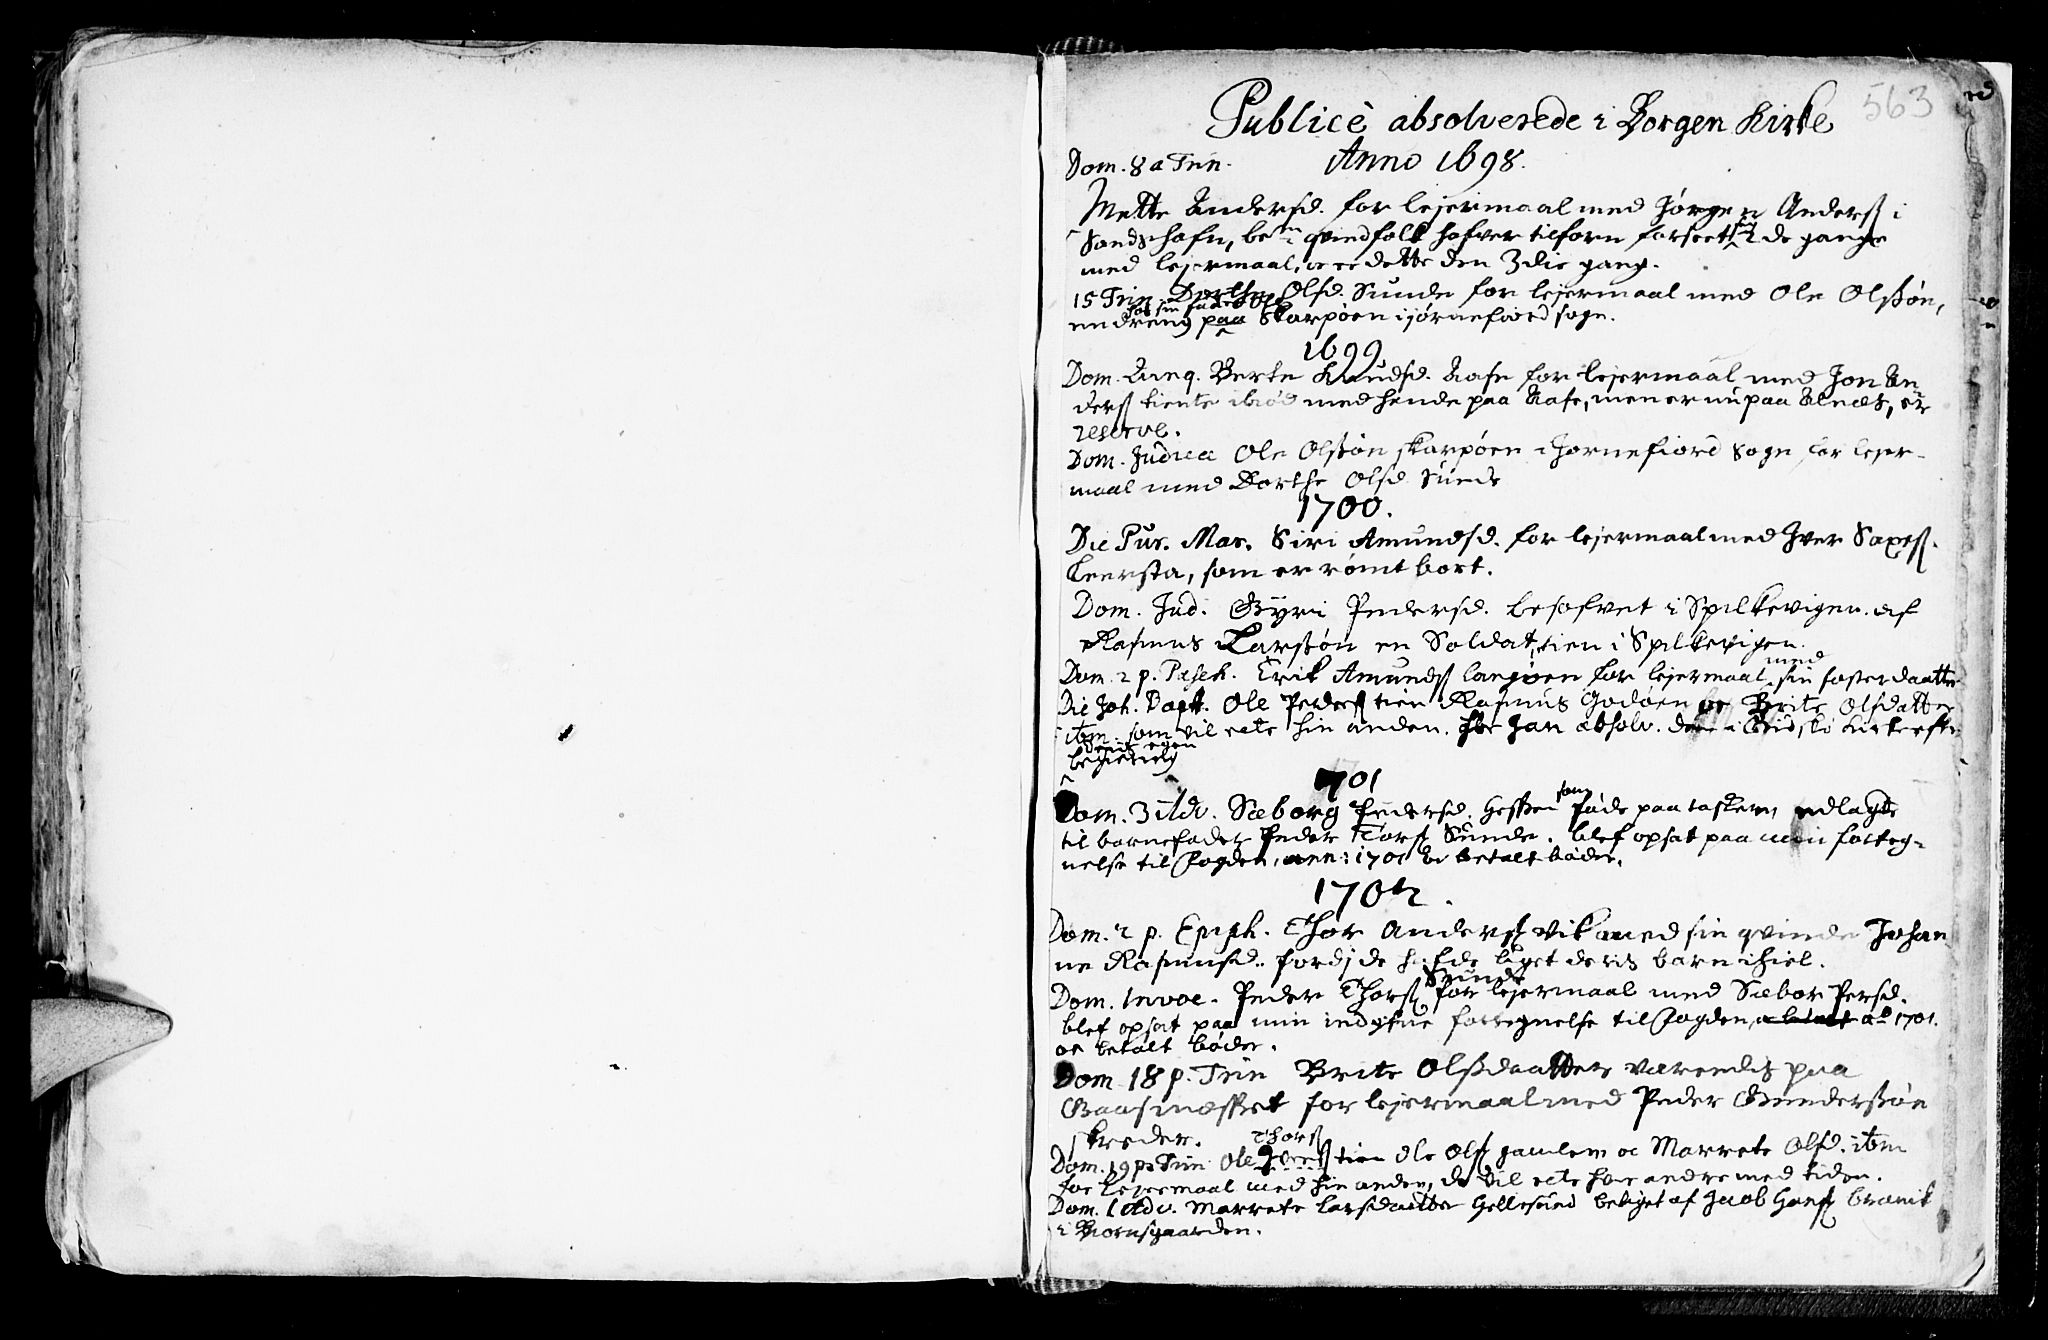 SAT, Ministerialprotokoller, klokkerbøker og fødselsregistre - Møre og Romsdal, 528/L0390: Parish register (official) no. 528A01, 1698-1739, p. 562-563